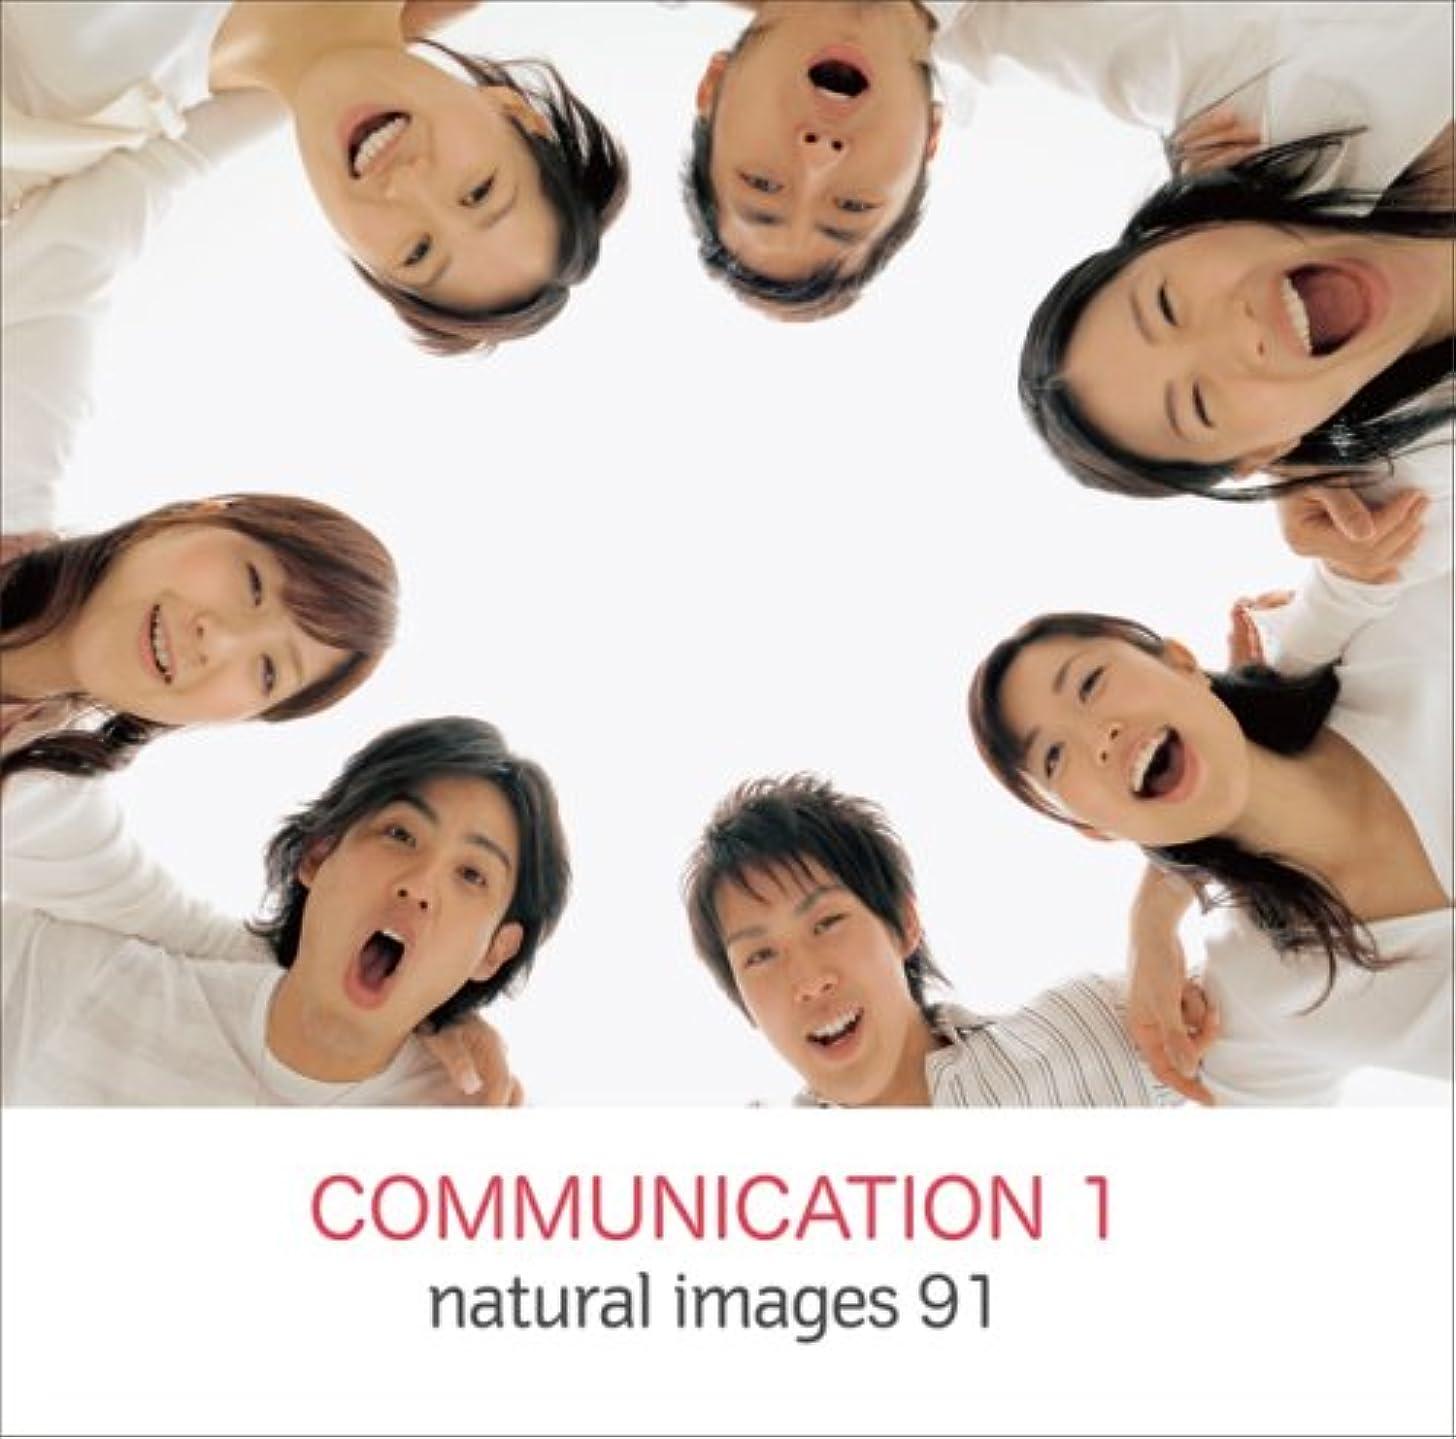 灰ありふれた永続natural images Vol.91 Communication 1